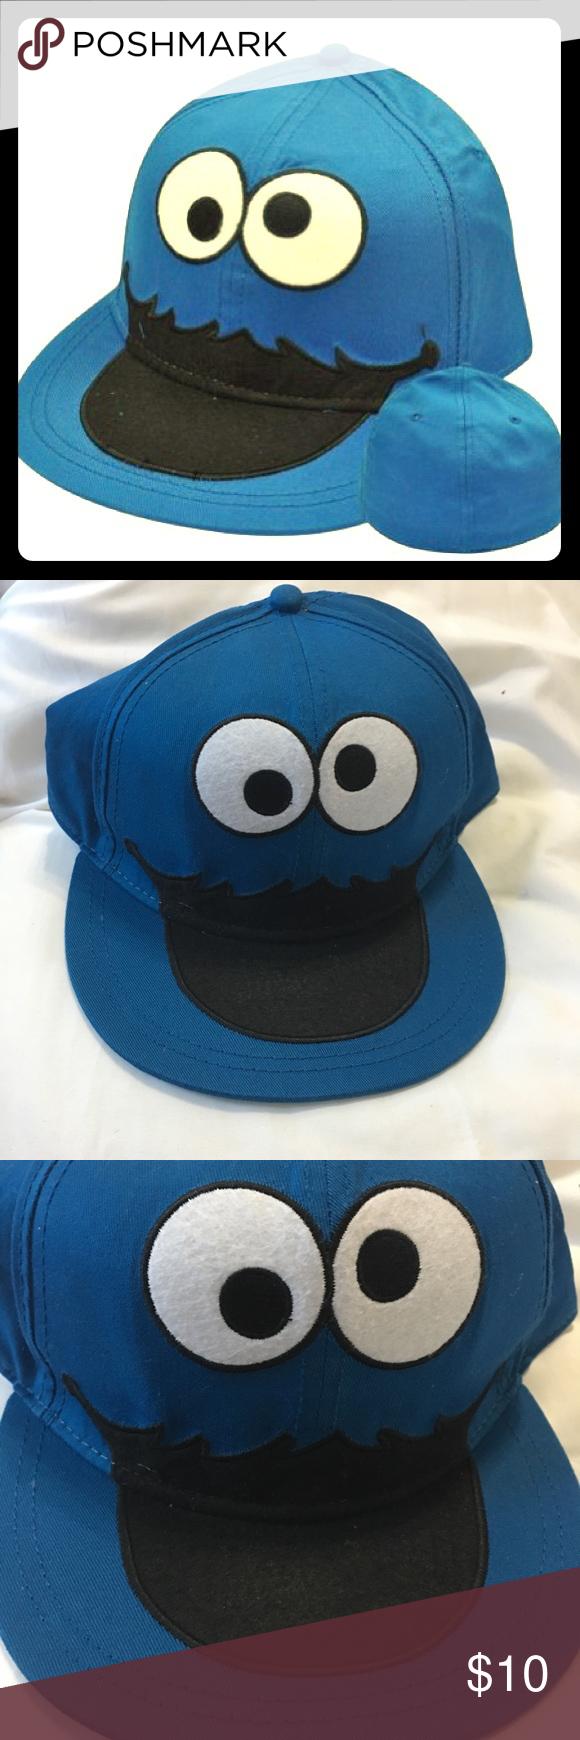 1a3207553691 Cookie Monster Flat Bill Hat Sesame Street Cookie Monster Flat Bill ...